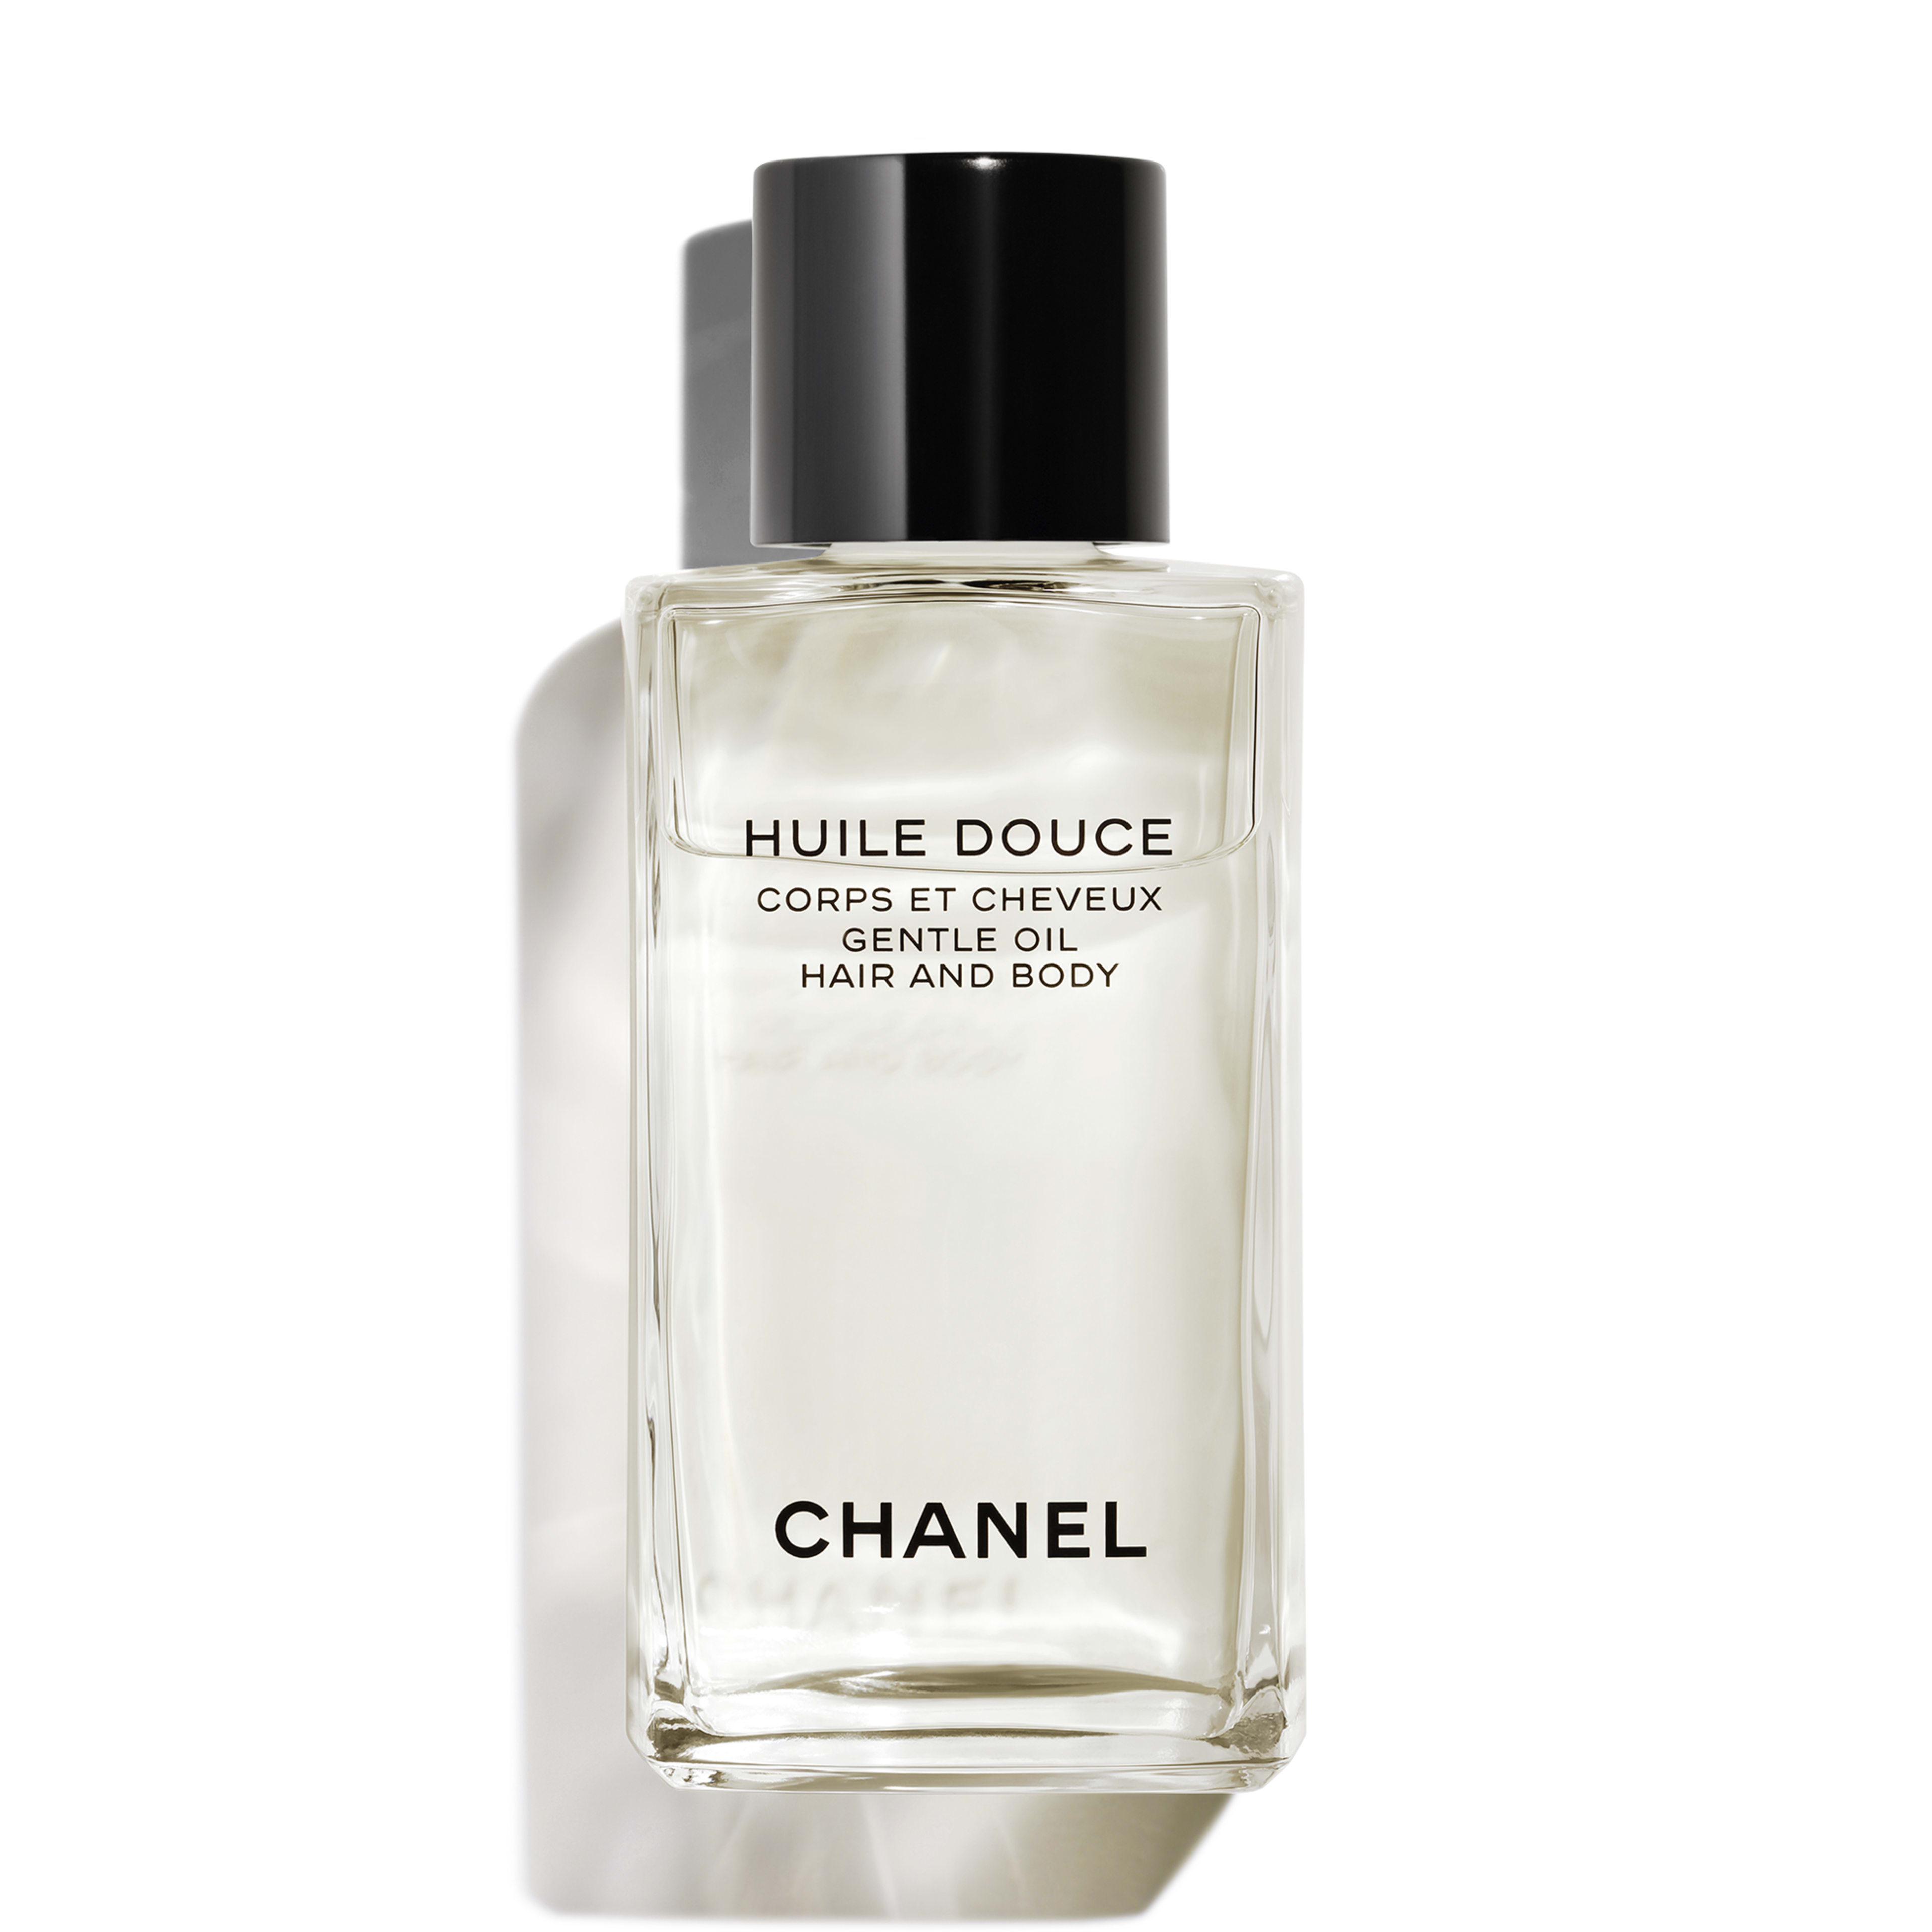 LES EXCLUSIFS DE CHANEL - fragrance - 8.4FL. OZ. - Default view